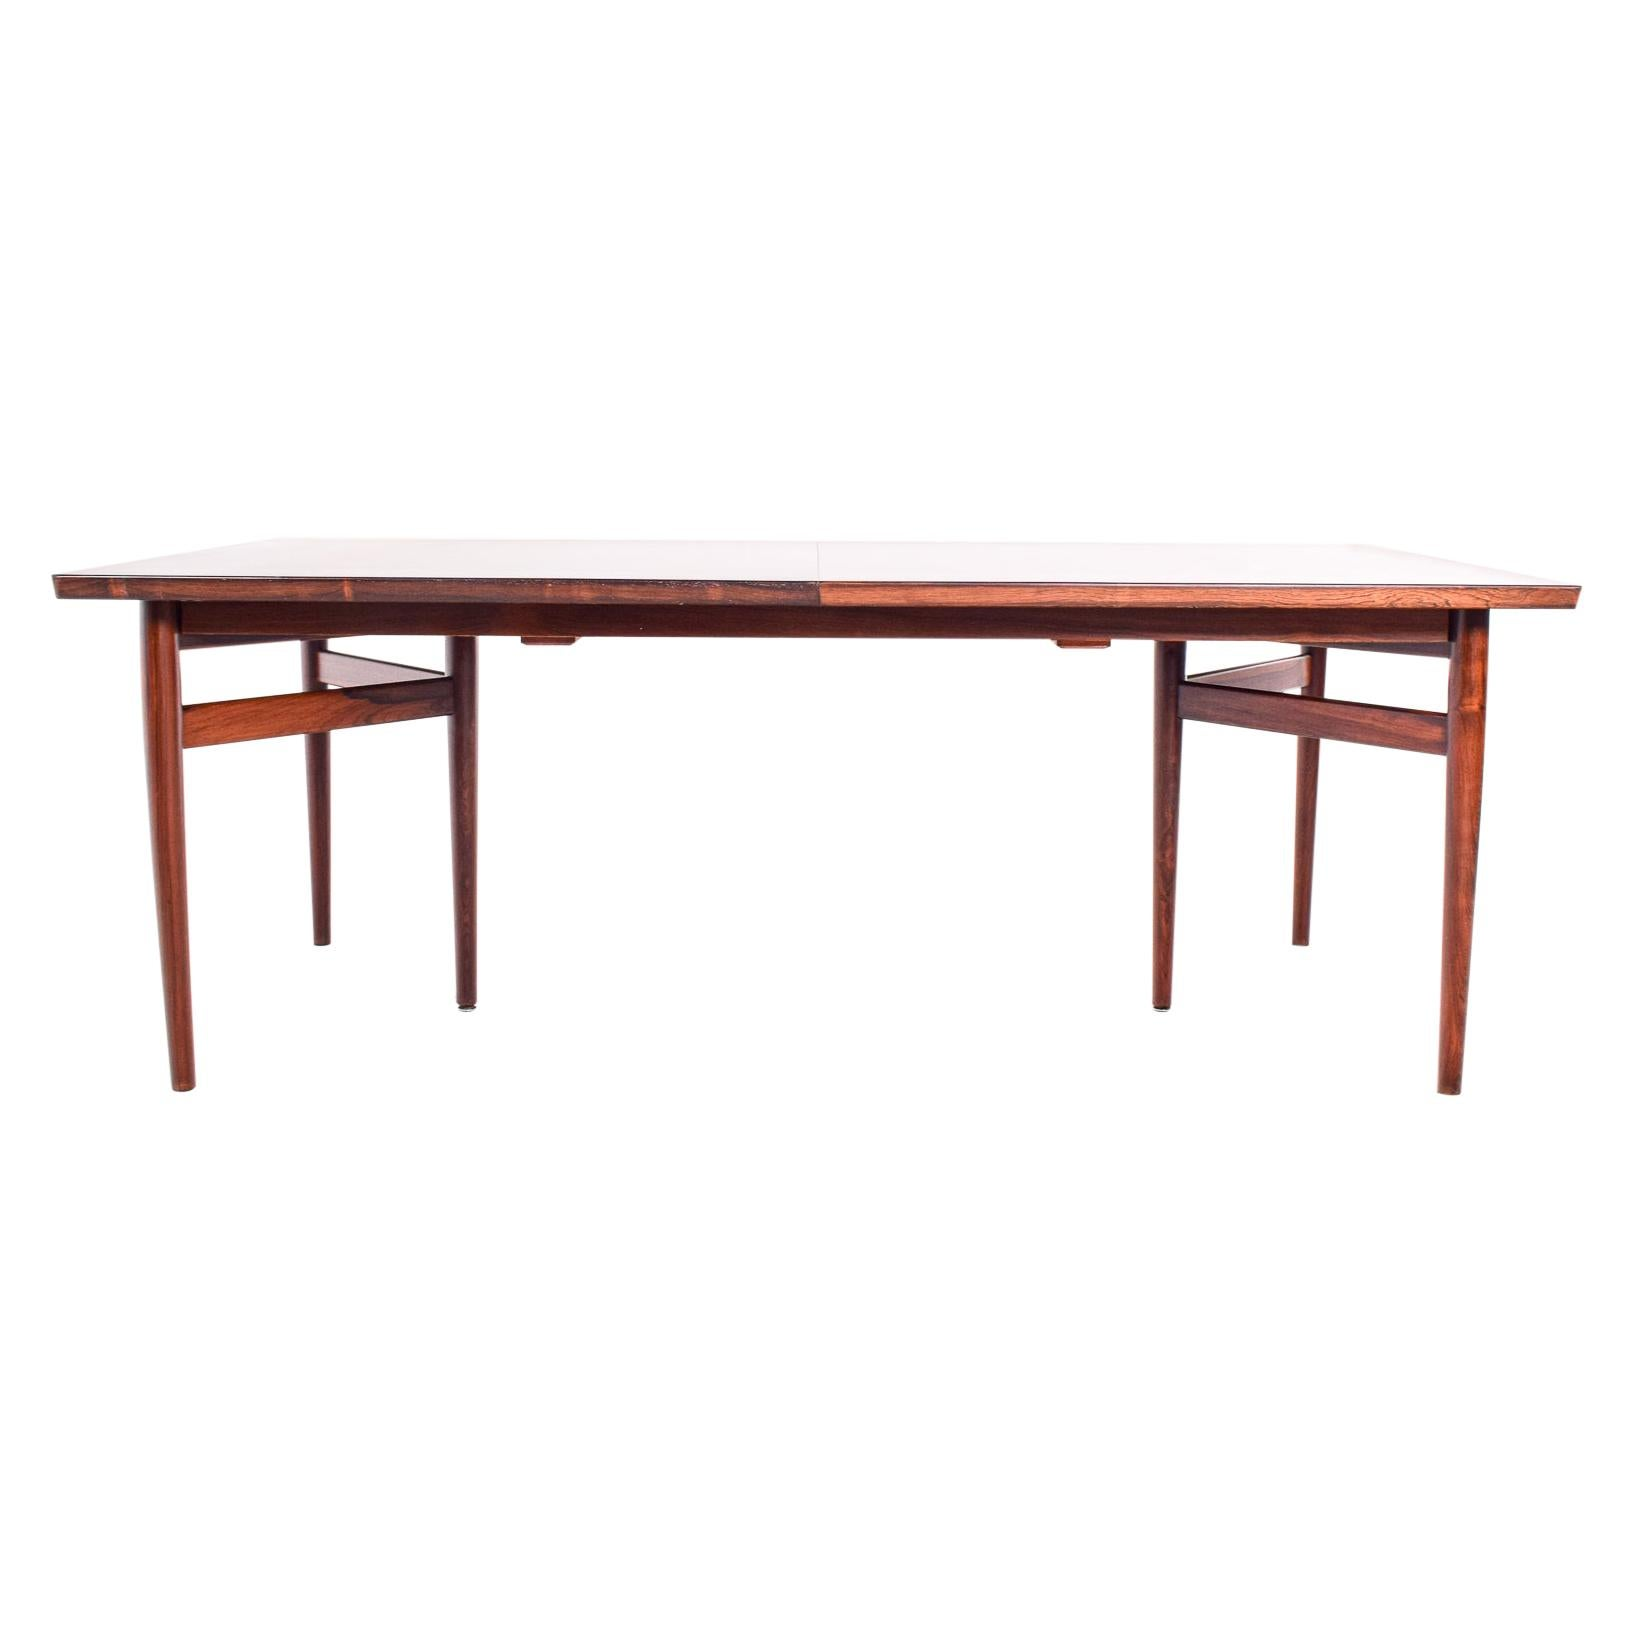 Dining Table Designed by Arne Vodder for Sibast, Denmark, 1960's